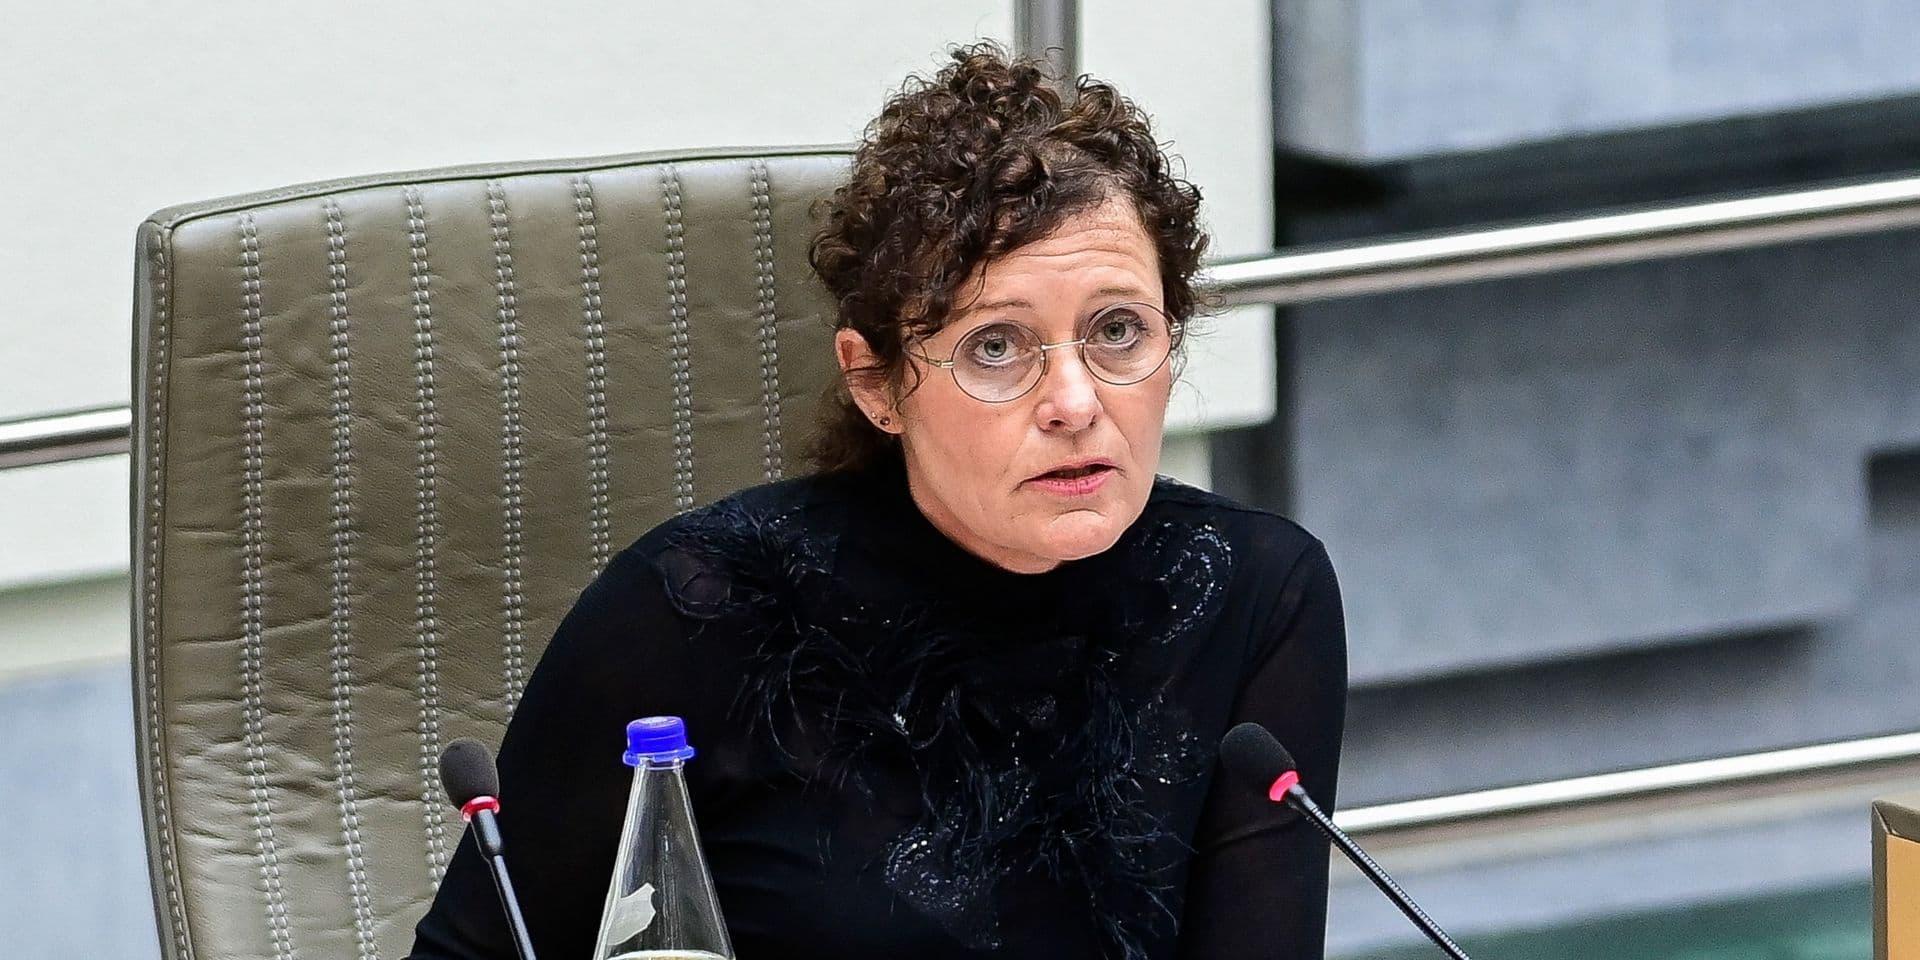 Taxe kilométrique: la ministre flamande Lydia Peeters presse pour une concertation, sous peine d'une confrontation